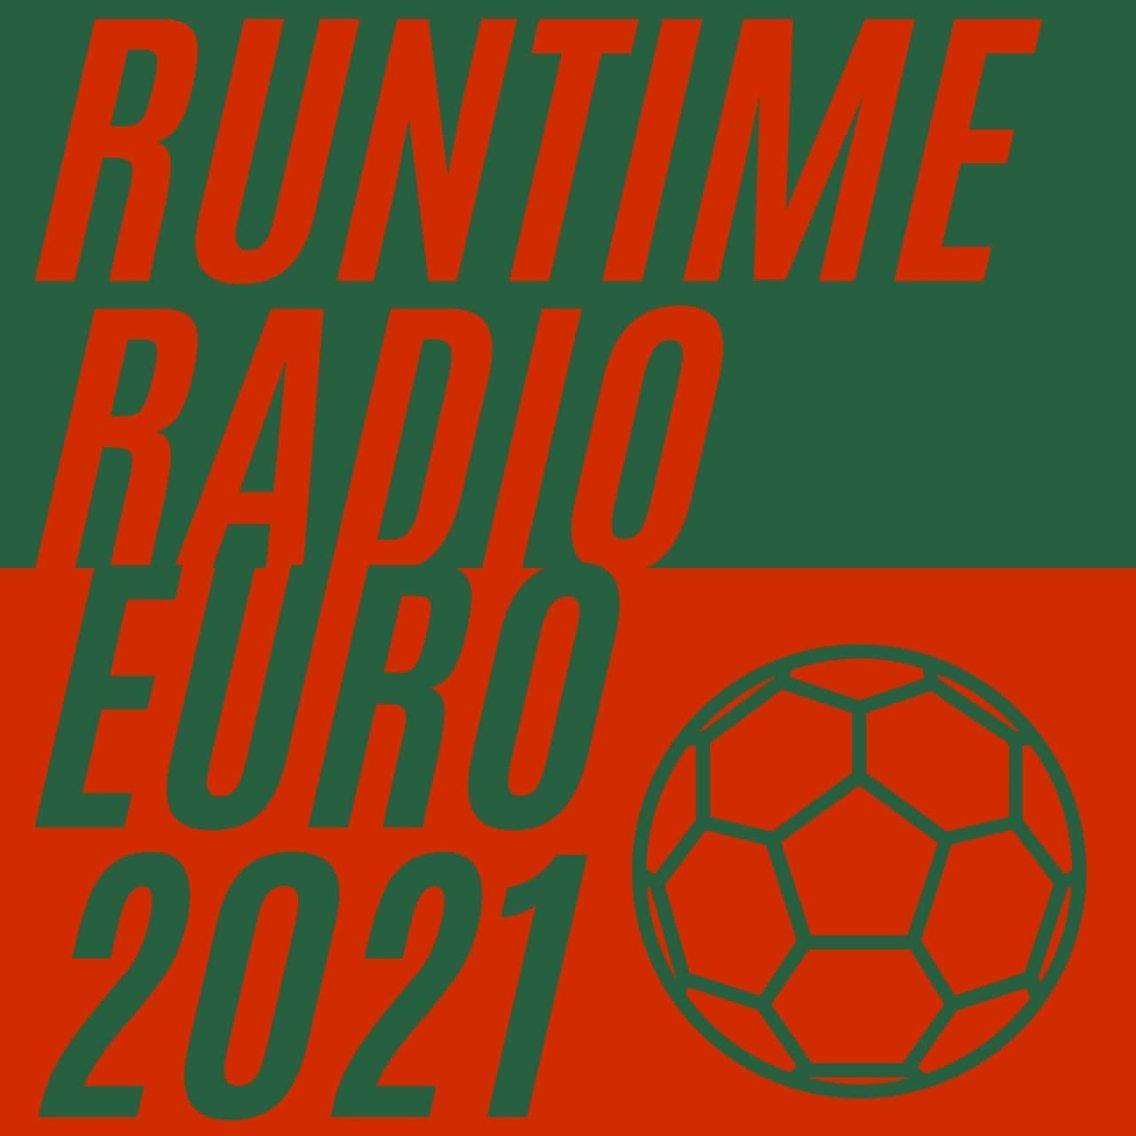 EuroCalcio2021 - immagine di copertina